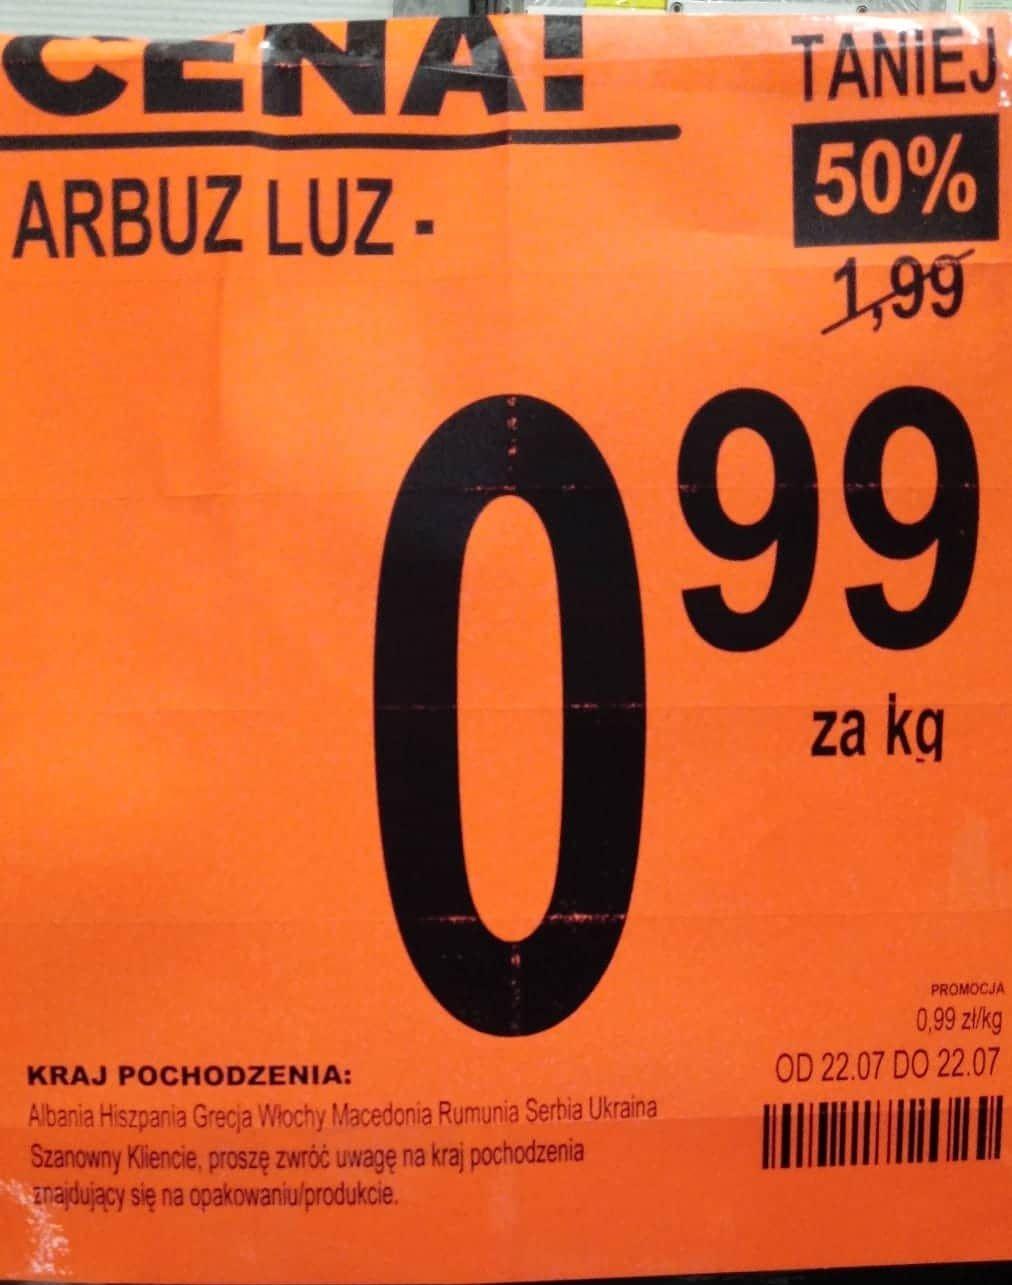 Arbuz w cenie 0.99zł/kg - Biedronka